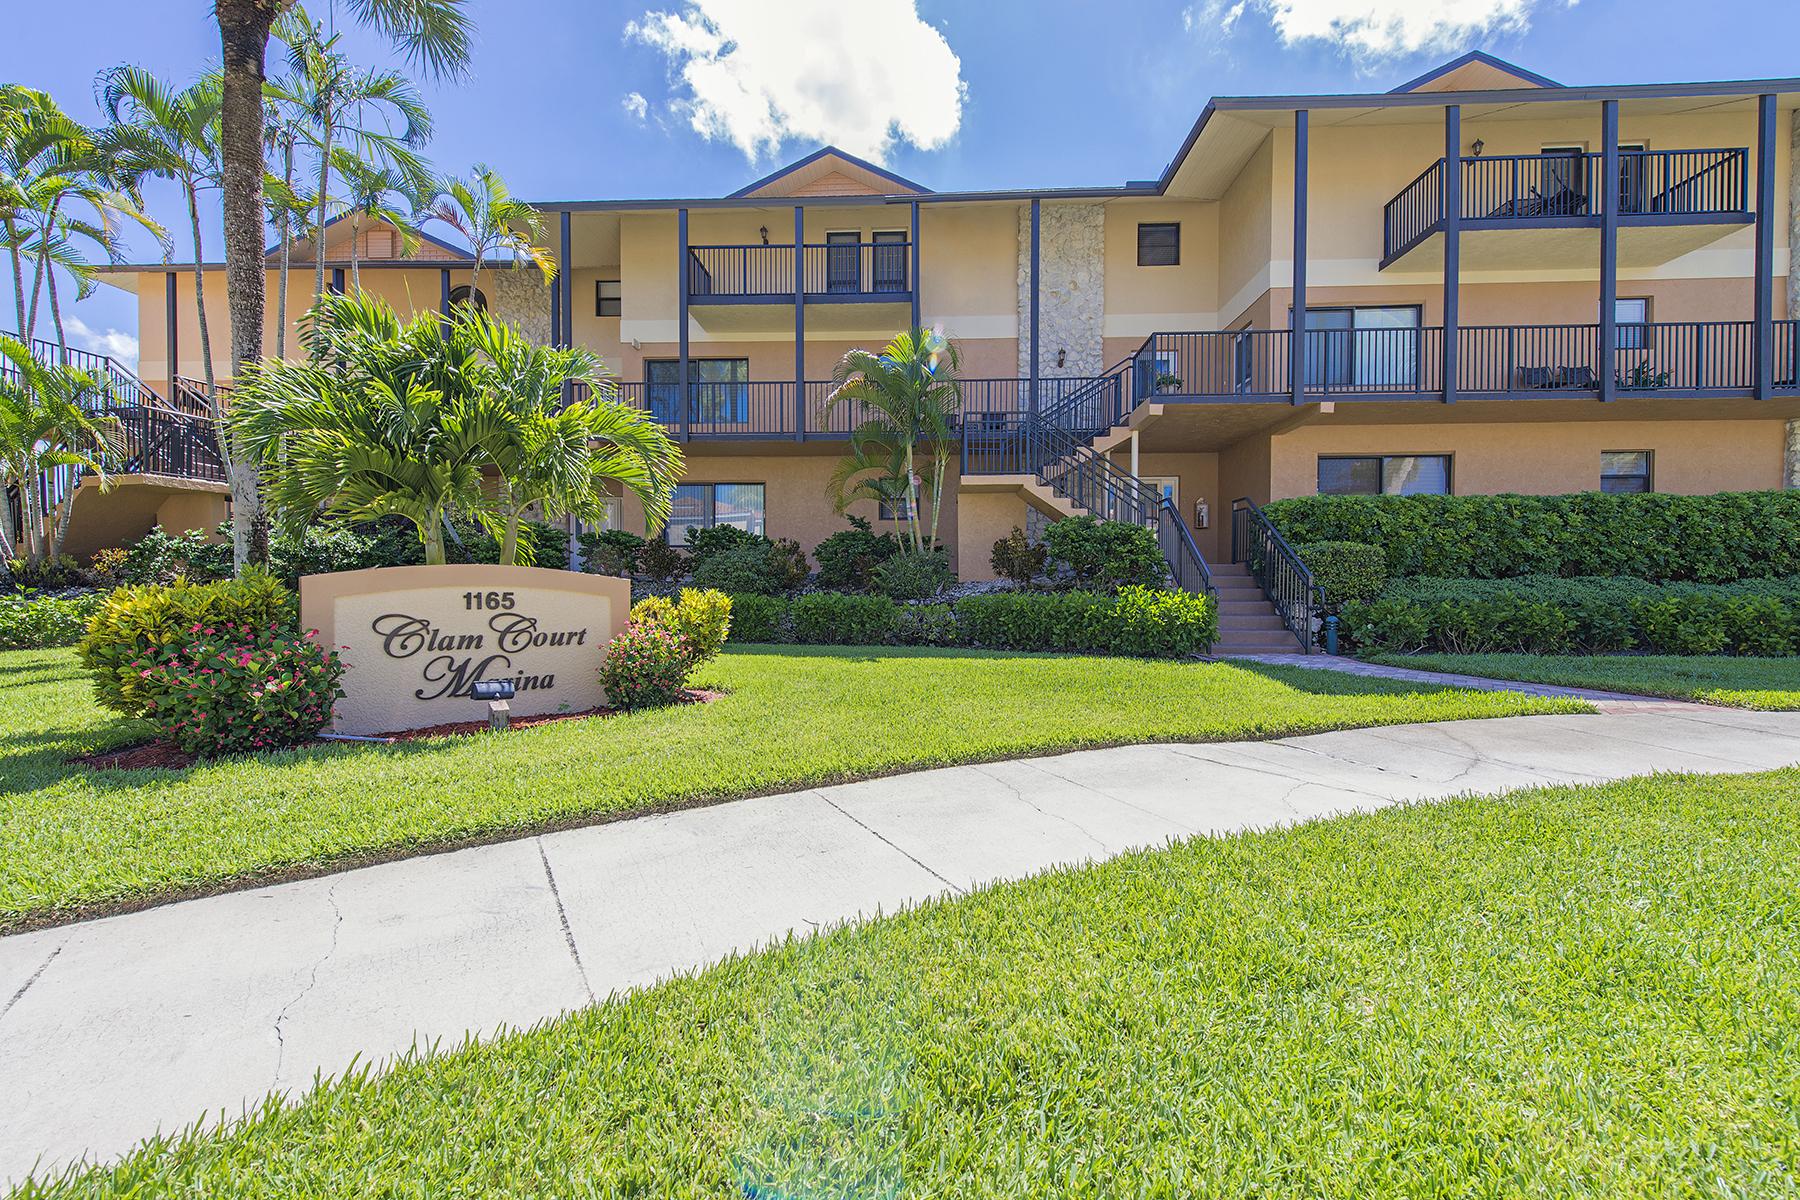 タウンハウス のために 売買 アット ROYAL HARBOR 1165 Clam Ct 9 Naples, フロリダ 34102 アメリカ合衆国